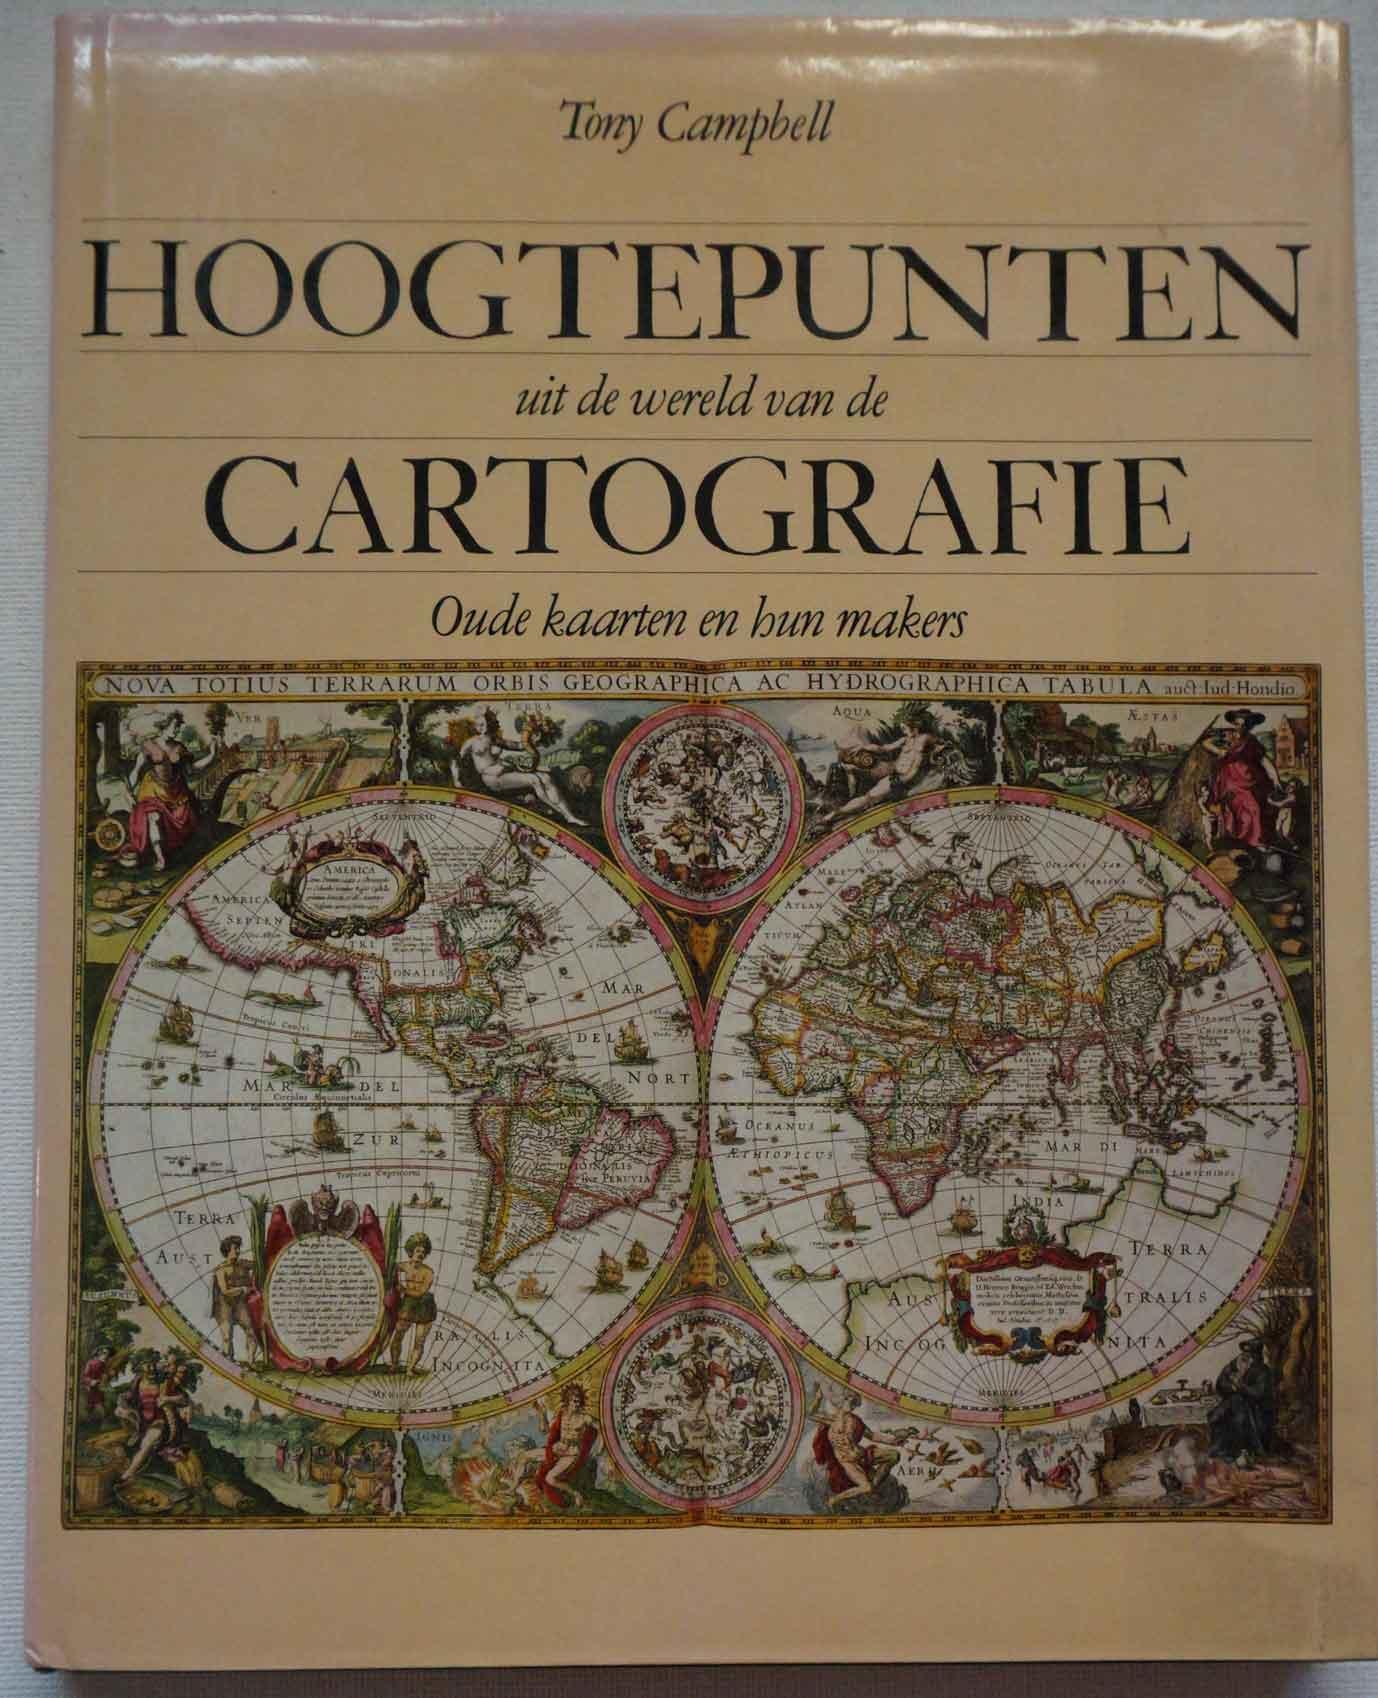 CAMPBELL, TONY - Hoogtepunten uit de wereld van de cartografie. Oude kaarten en hun makers.